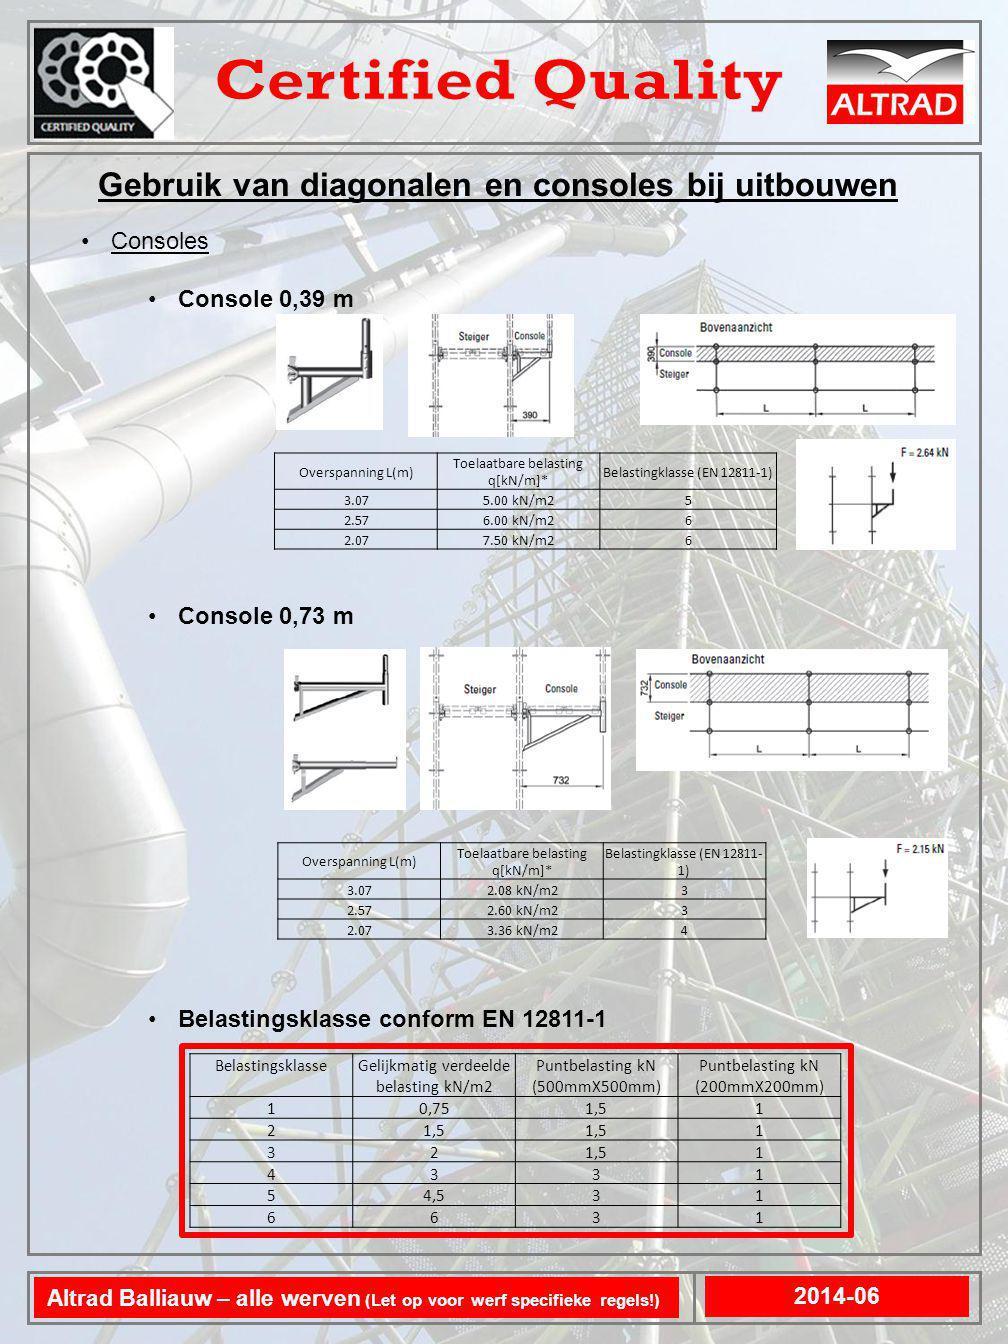 Consoles Console 1,09 m zonder extra verbinding tussen de staanders Console 1,09 m met verbinding tussen de staanders door middel van een ligger Belastingsklasse conform EN 12811-1 Gebruik van diagonalen en consoles bij uitbouwen 2014-06 Altrad Balliauw – alle werven (Let op voor werf specifieke regels!) BelastingsklasseGelijkmatig verdeelde belasting kN/m2 Puntbelasting kN (500mmX500mm) Puntbelasting kN (200mmX200mm) 10,751,51 2 1 32 1 4331 54,531 6631 Overspanning L(m) Toelaatbare belasting q[kN/m]* Belastingklasse (EN 12811- 1) 3.071.26 kN/m21 2.571.58 kN/m22 2.072.07 kN/m23 Overspanning L(m) Toelaatbare belasting q[kN/m]* Belastingklasse (EN 12811- 1) 3.072.70 kN/m23 2.573.28 kN/m24 2.074.15 kN/m24